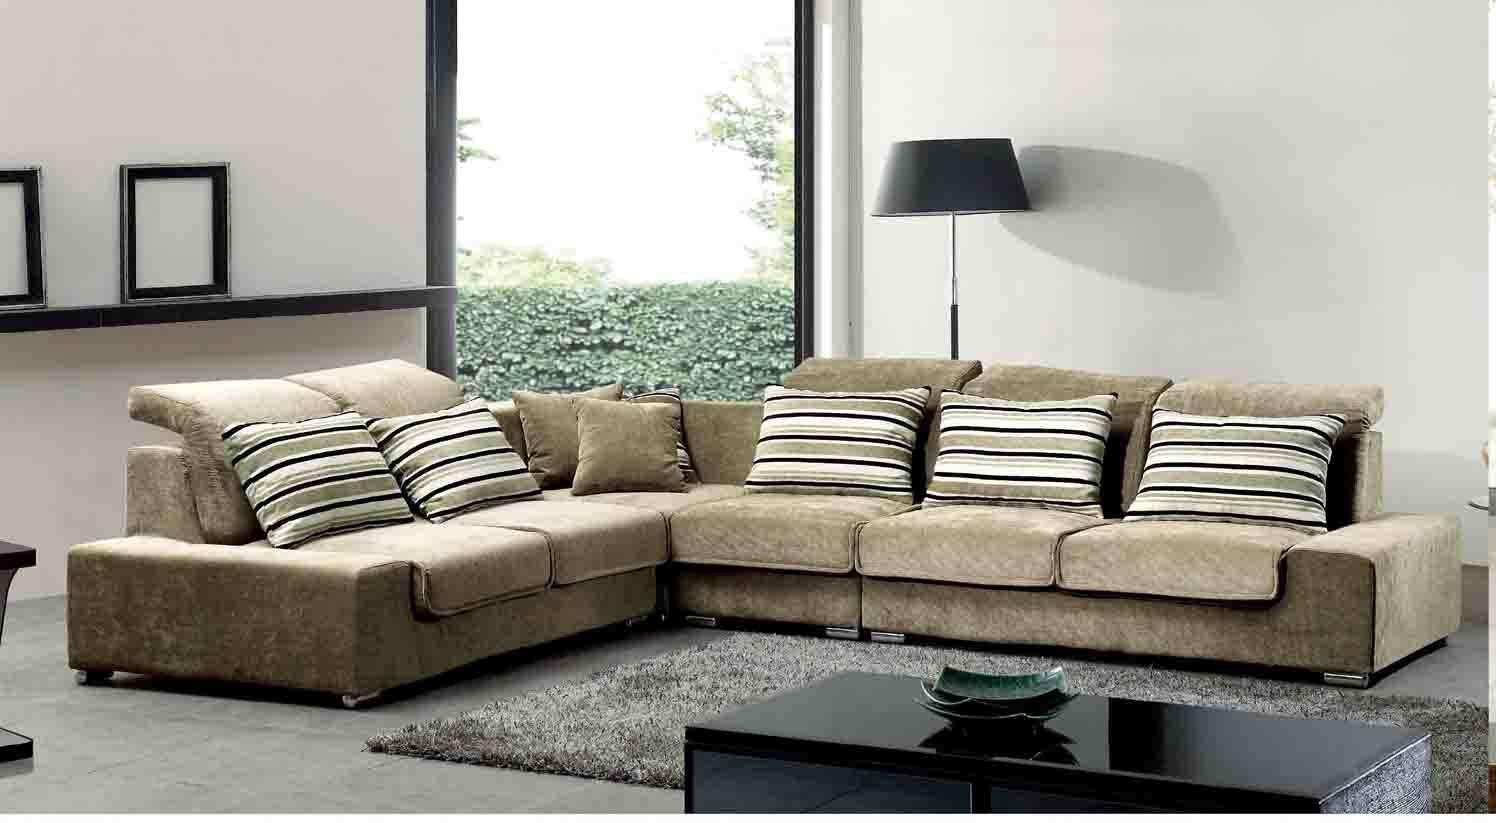 china sofa fabric king size leather sleeper stylish s 1207